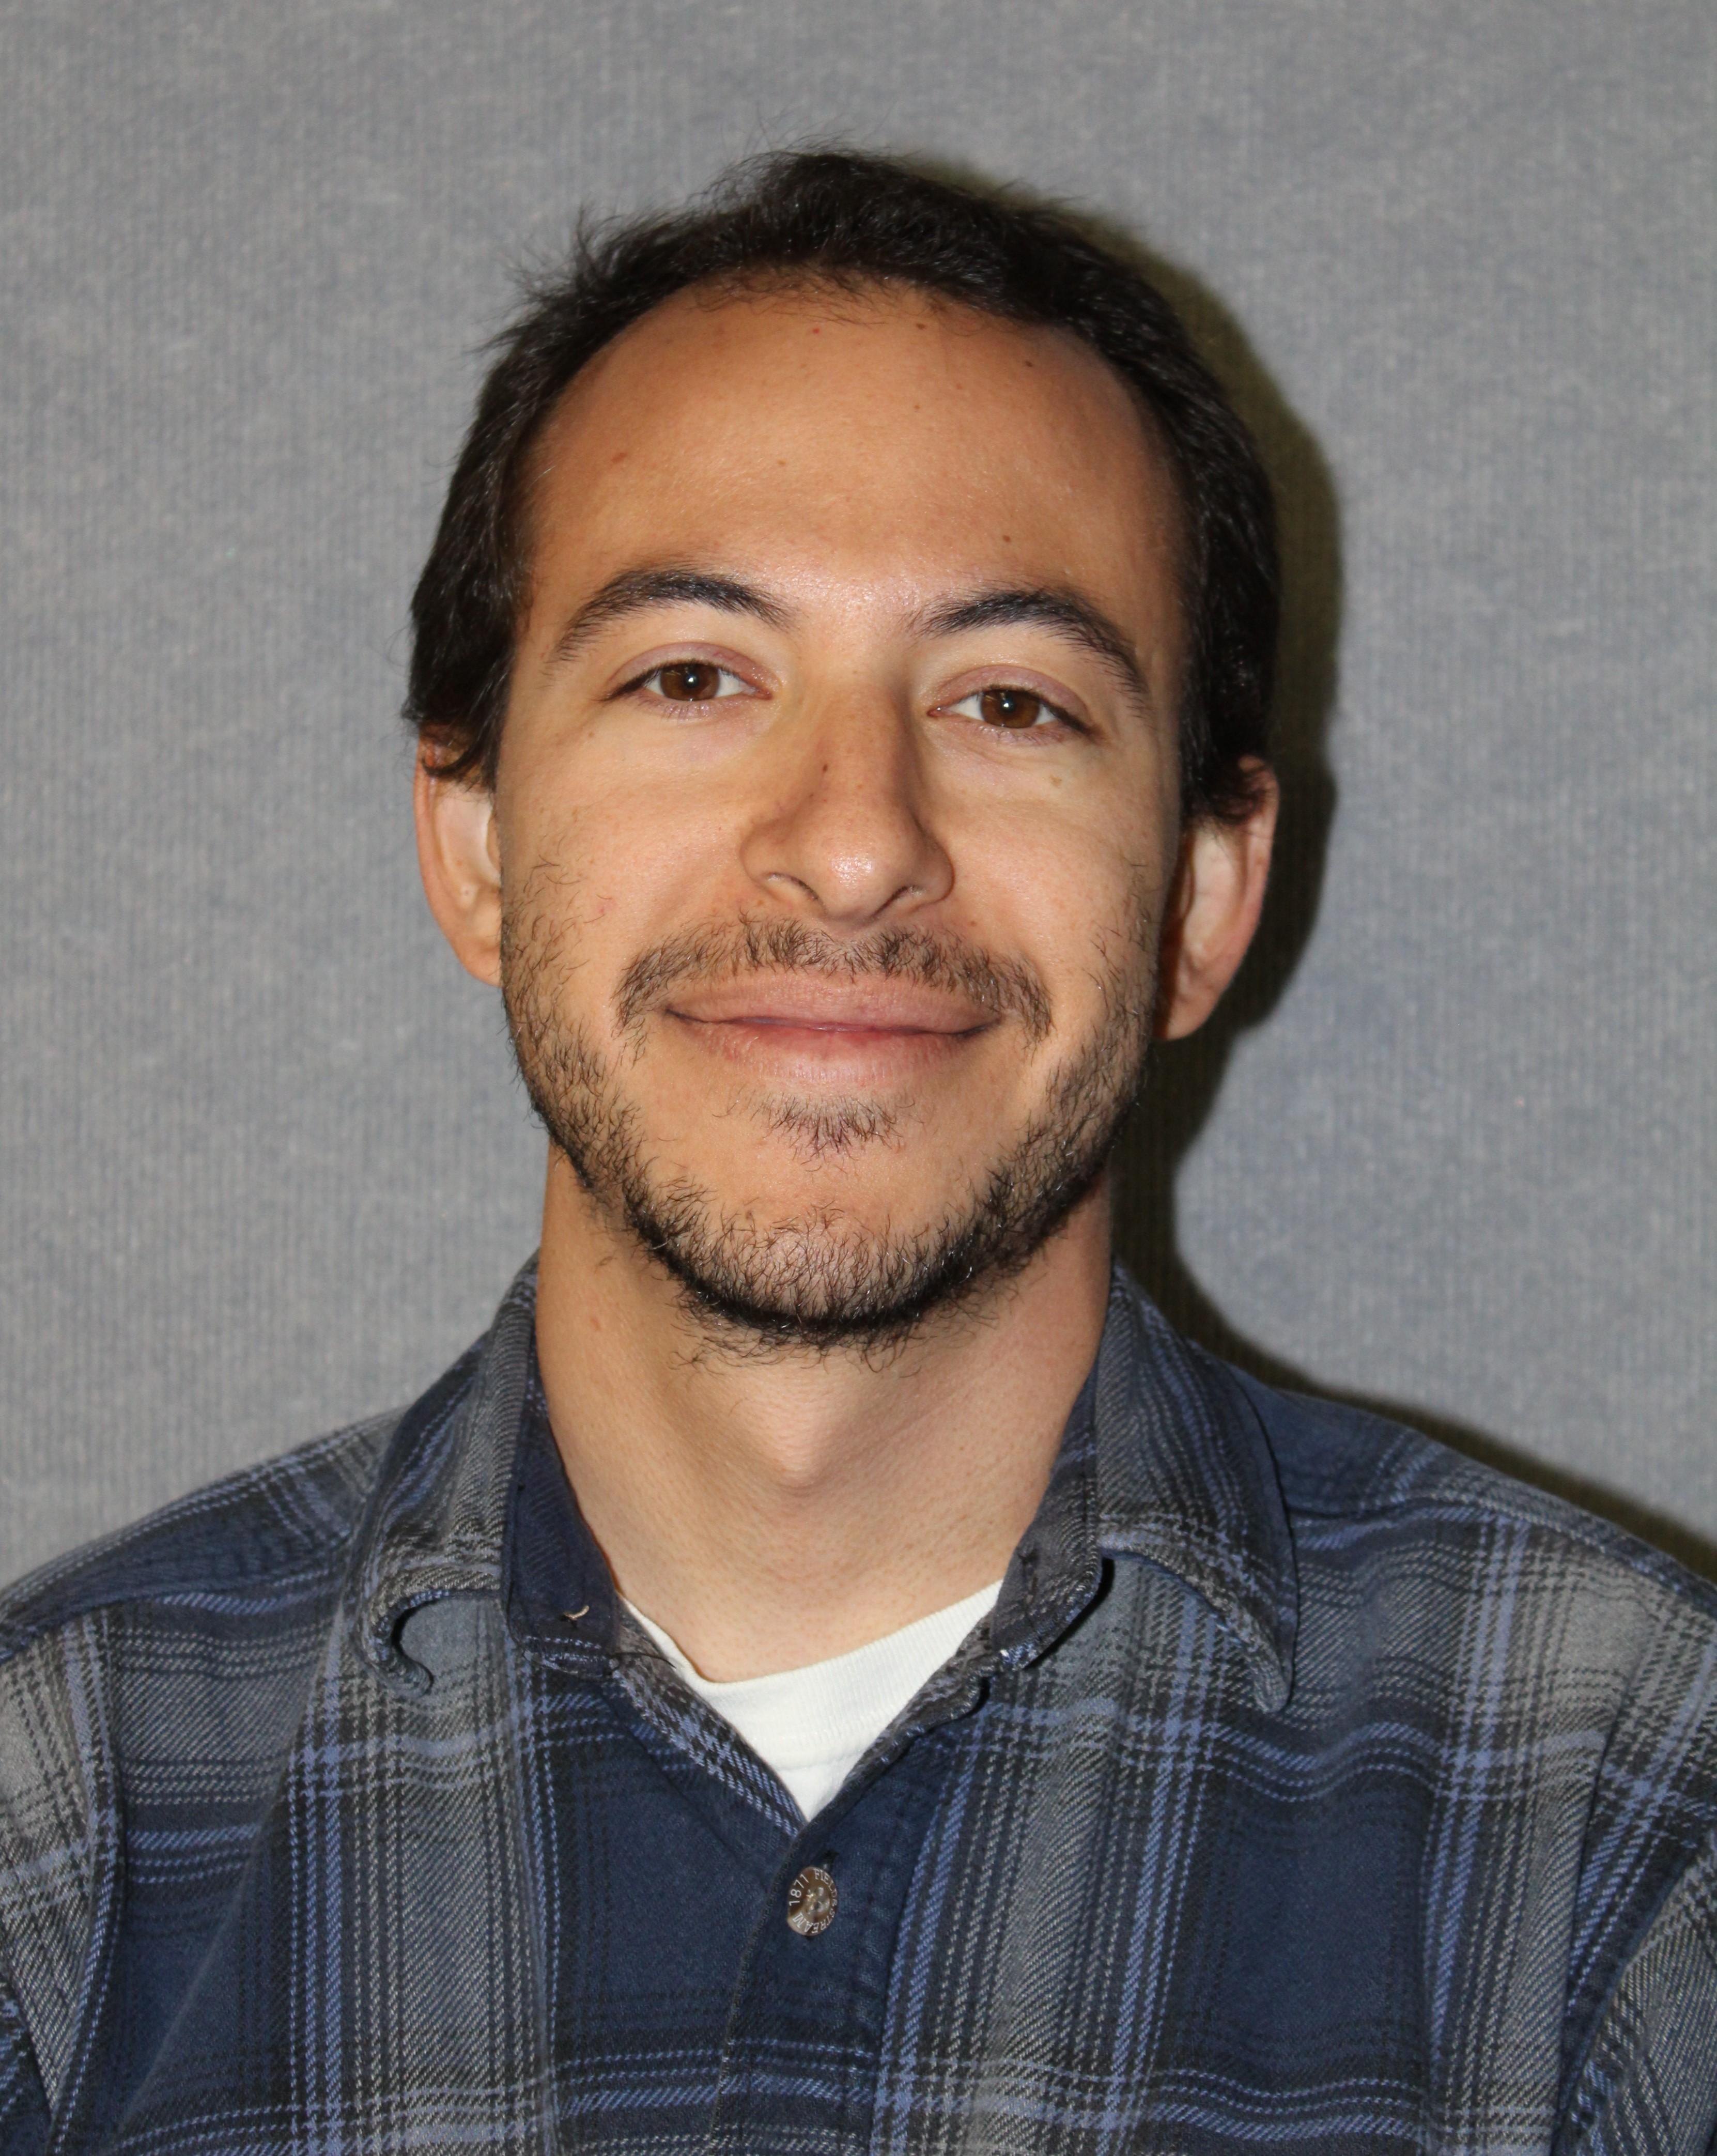 Sam Enriquez